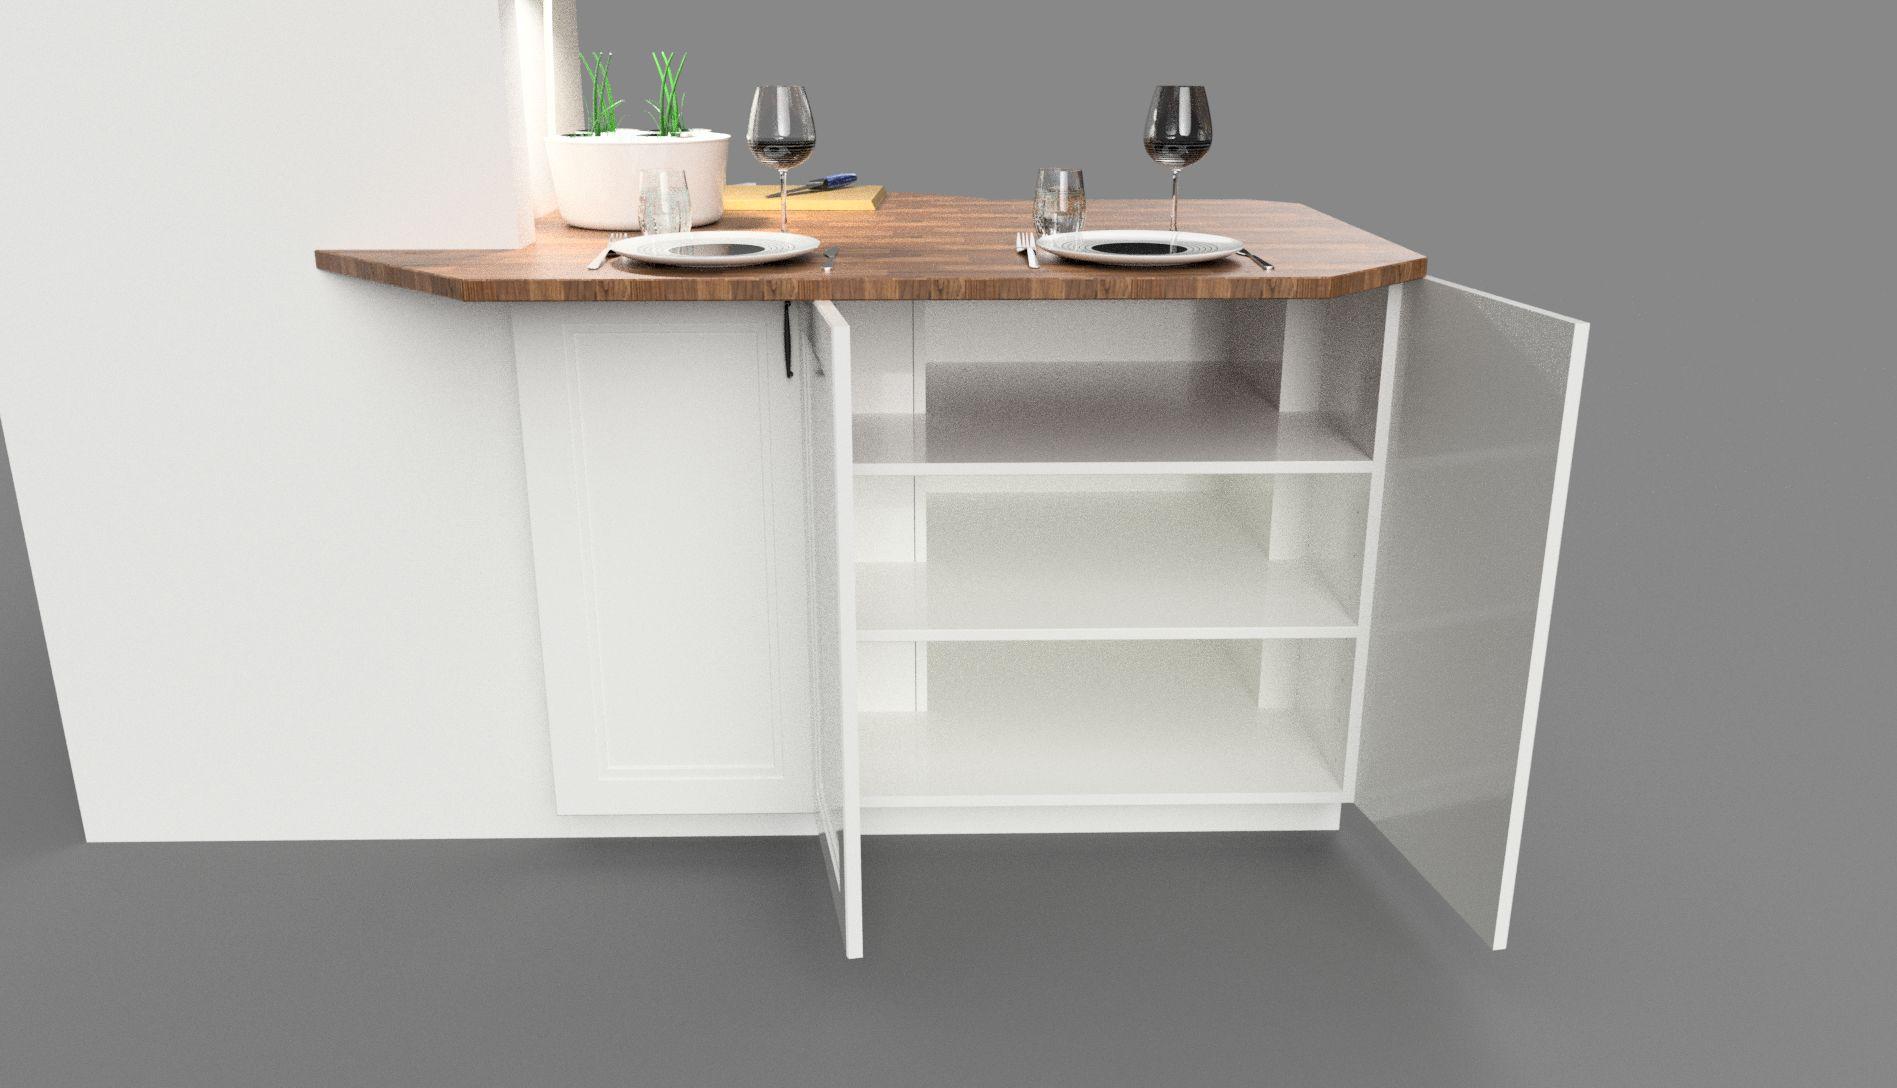 Koksodesign2-v26-3-3500-3500